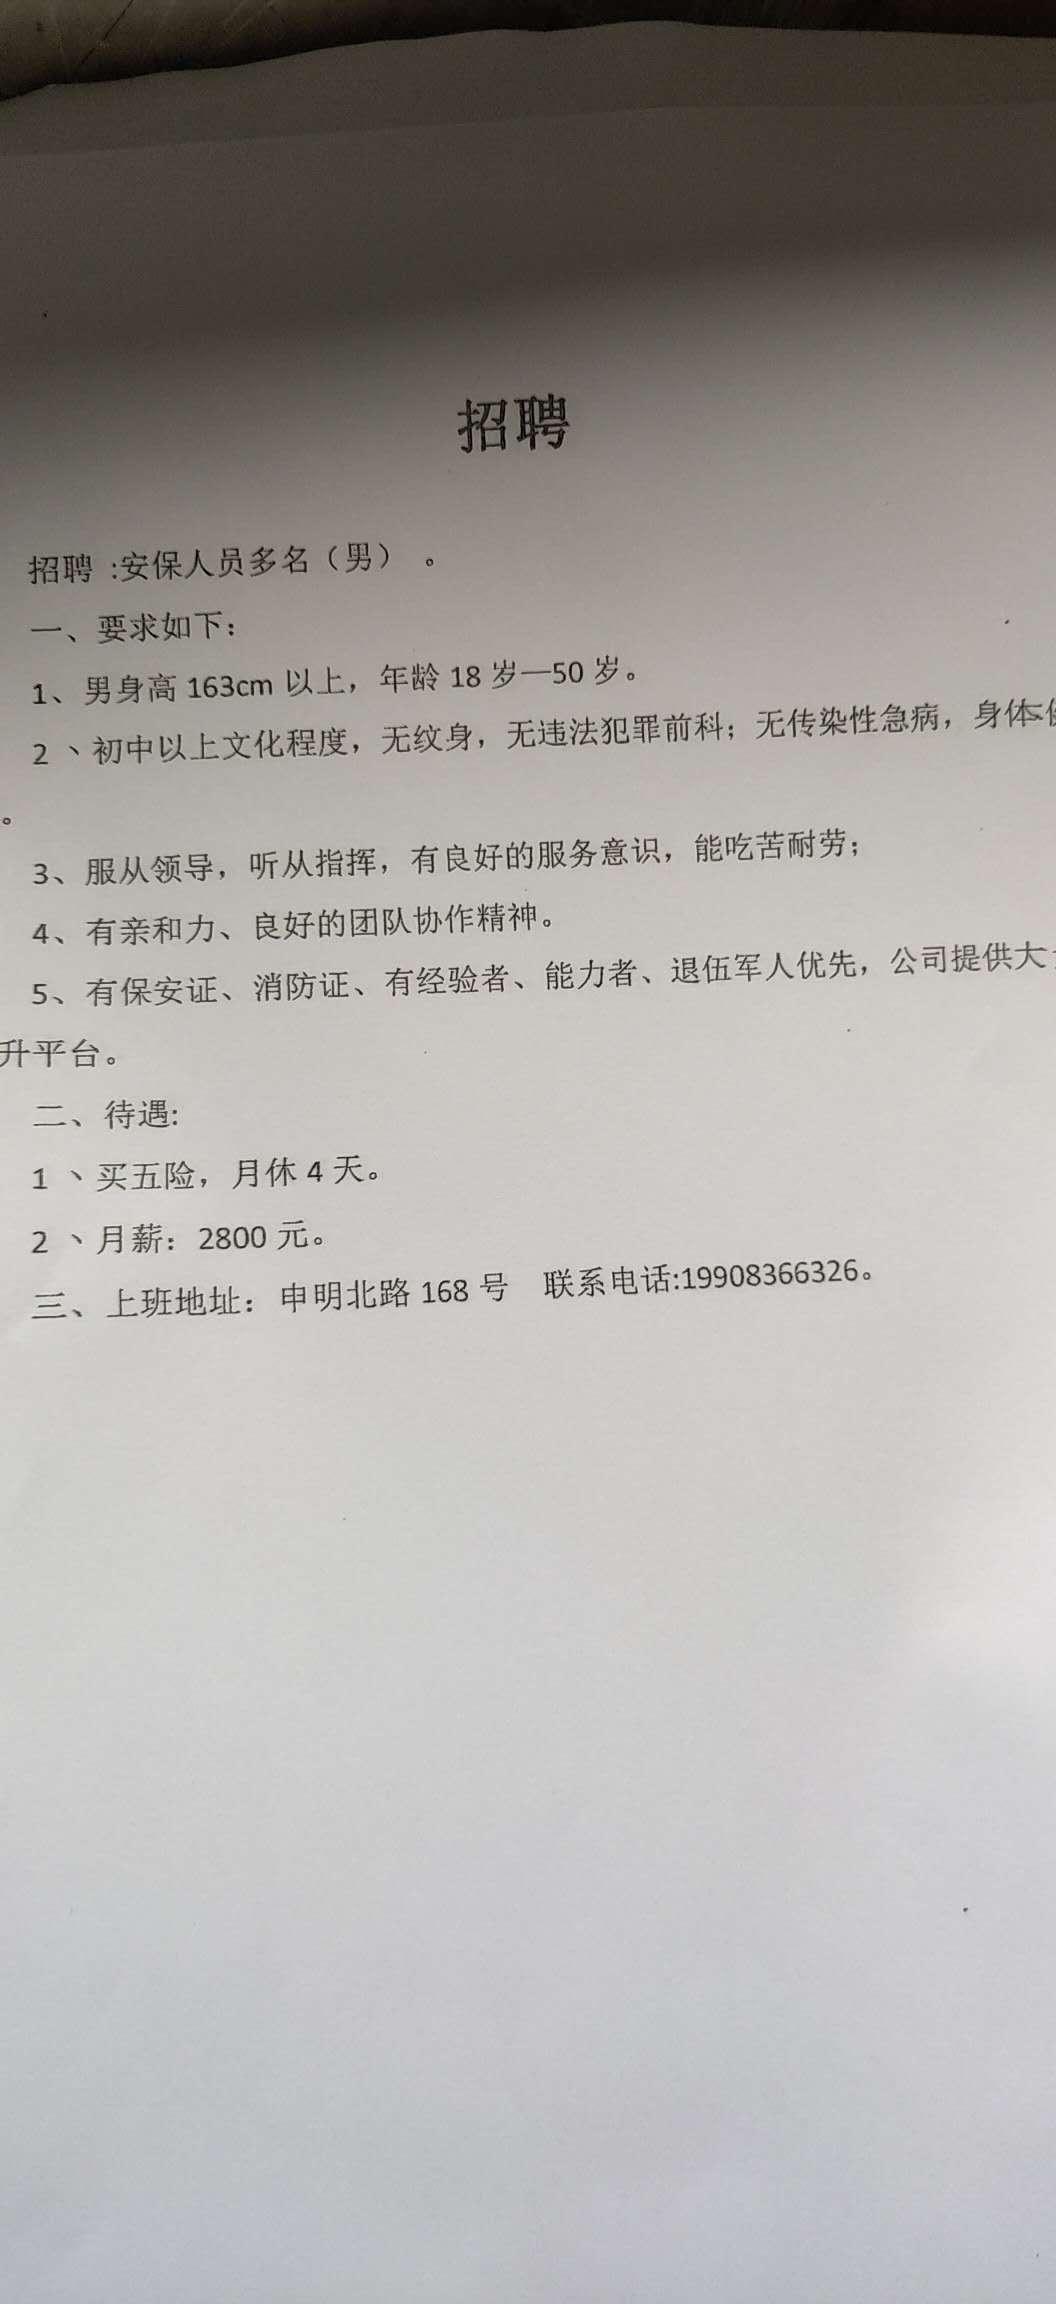 珠海葆力重庆分公司招聘保安(男),工资2800,月休四天,买